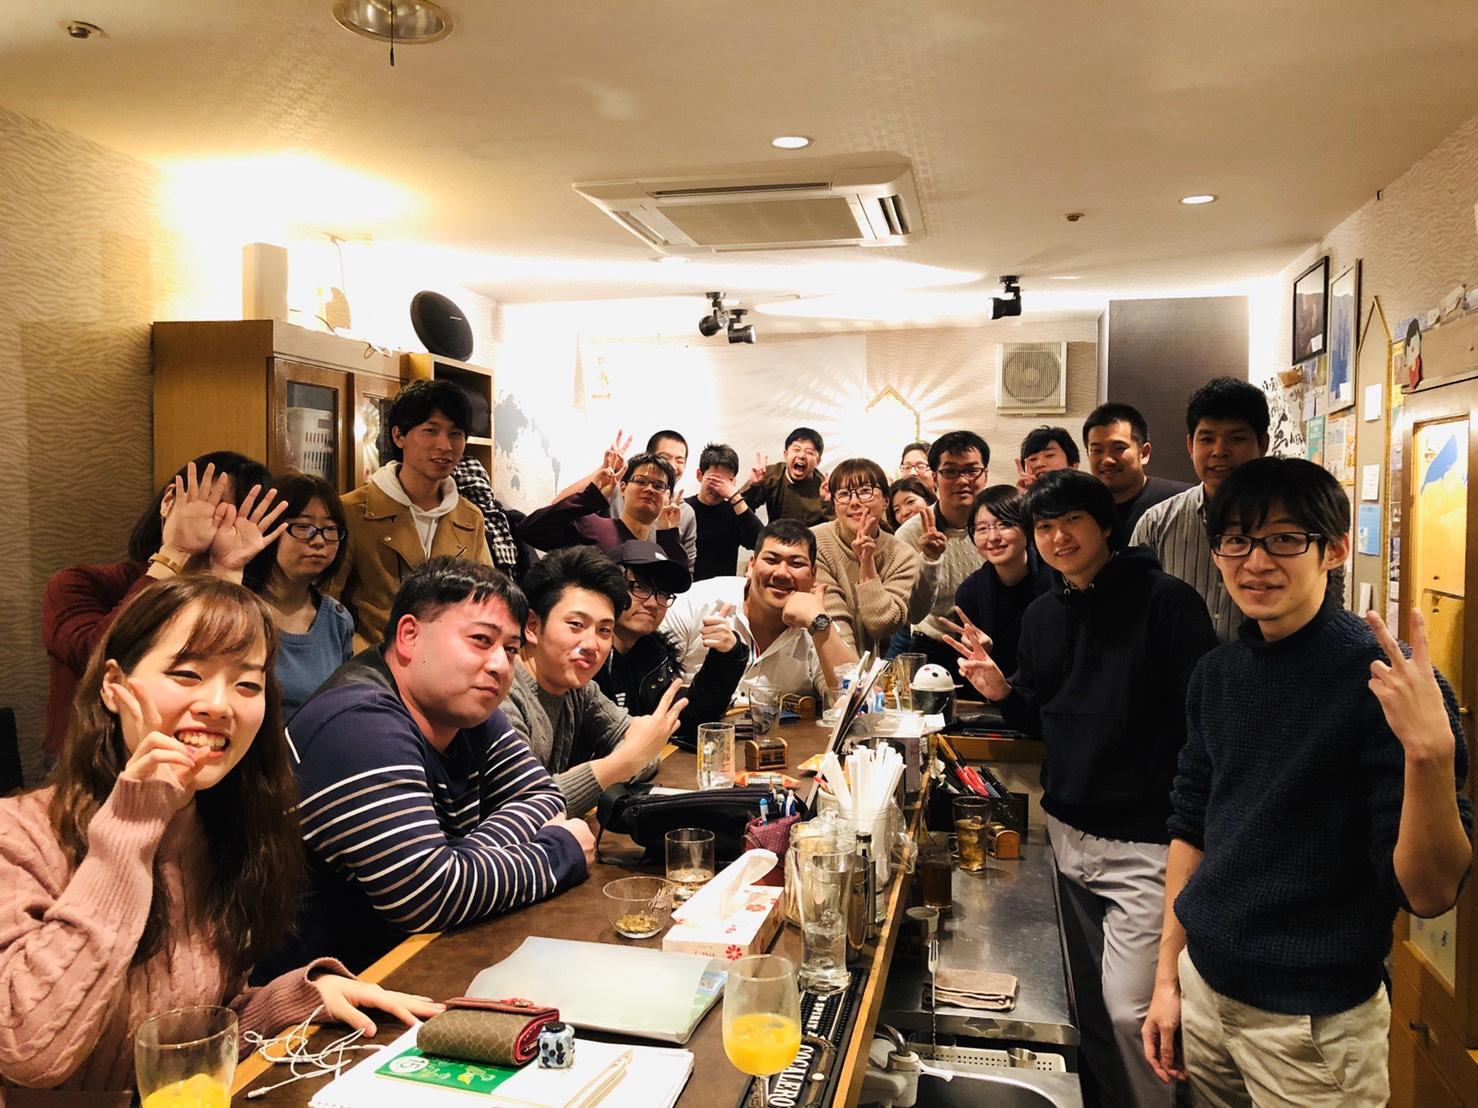 名古屋栄の面白い変わったイベント一覧!【2020年】